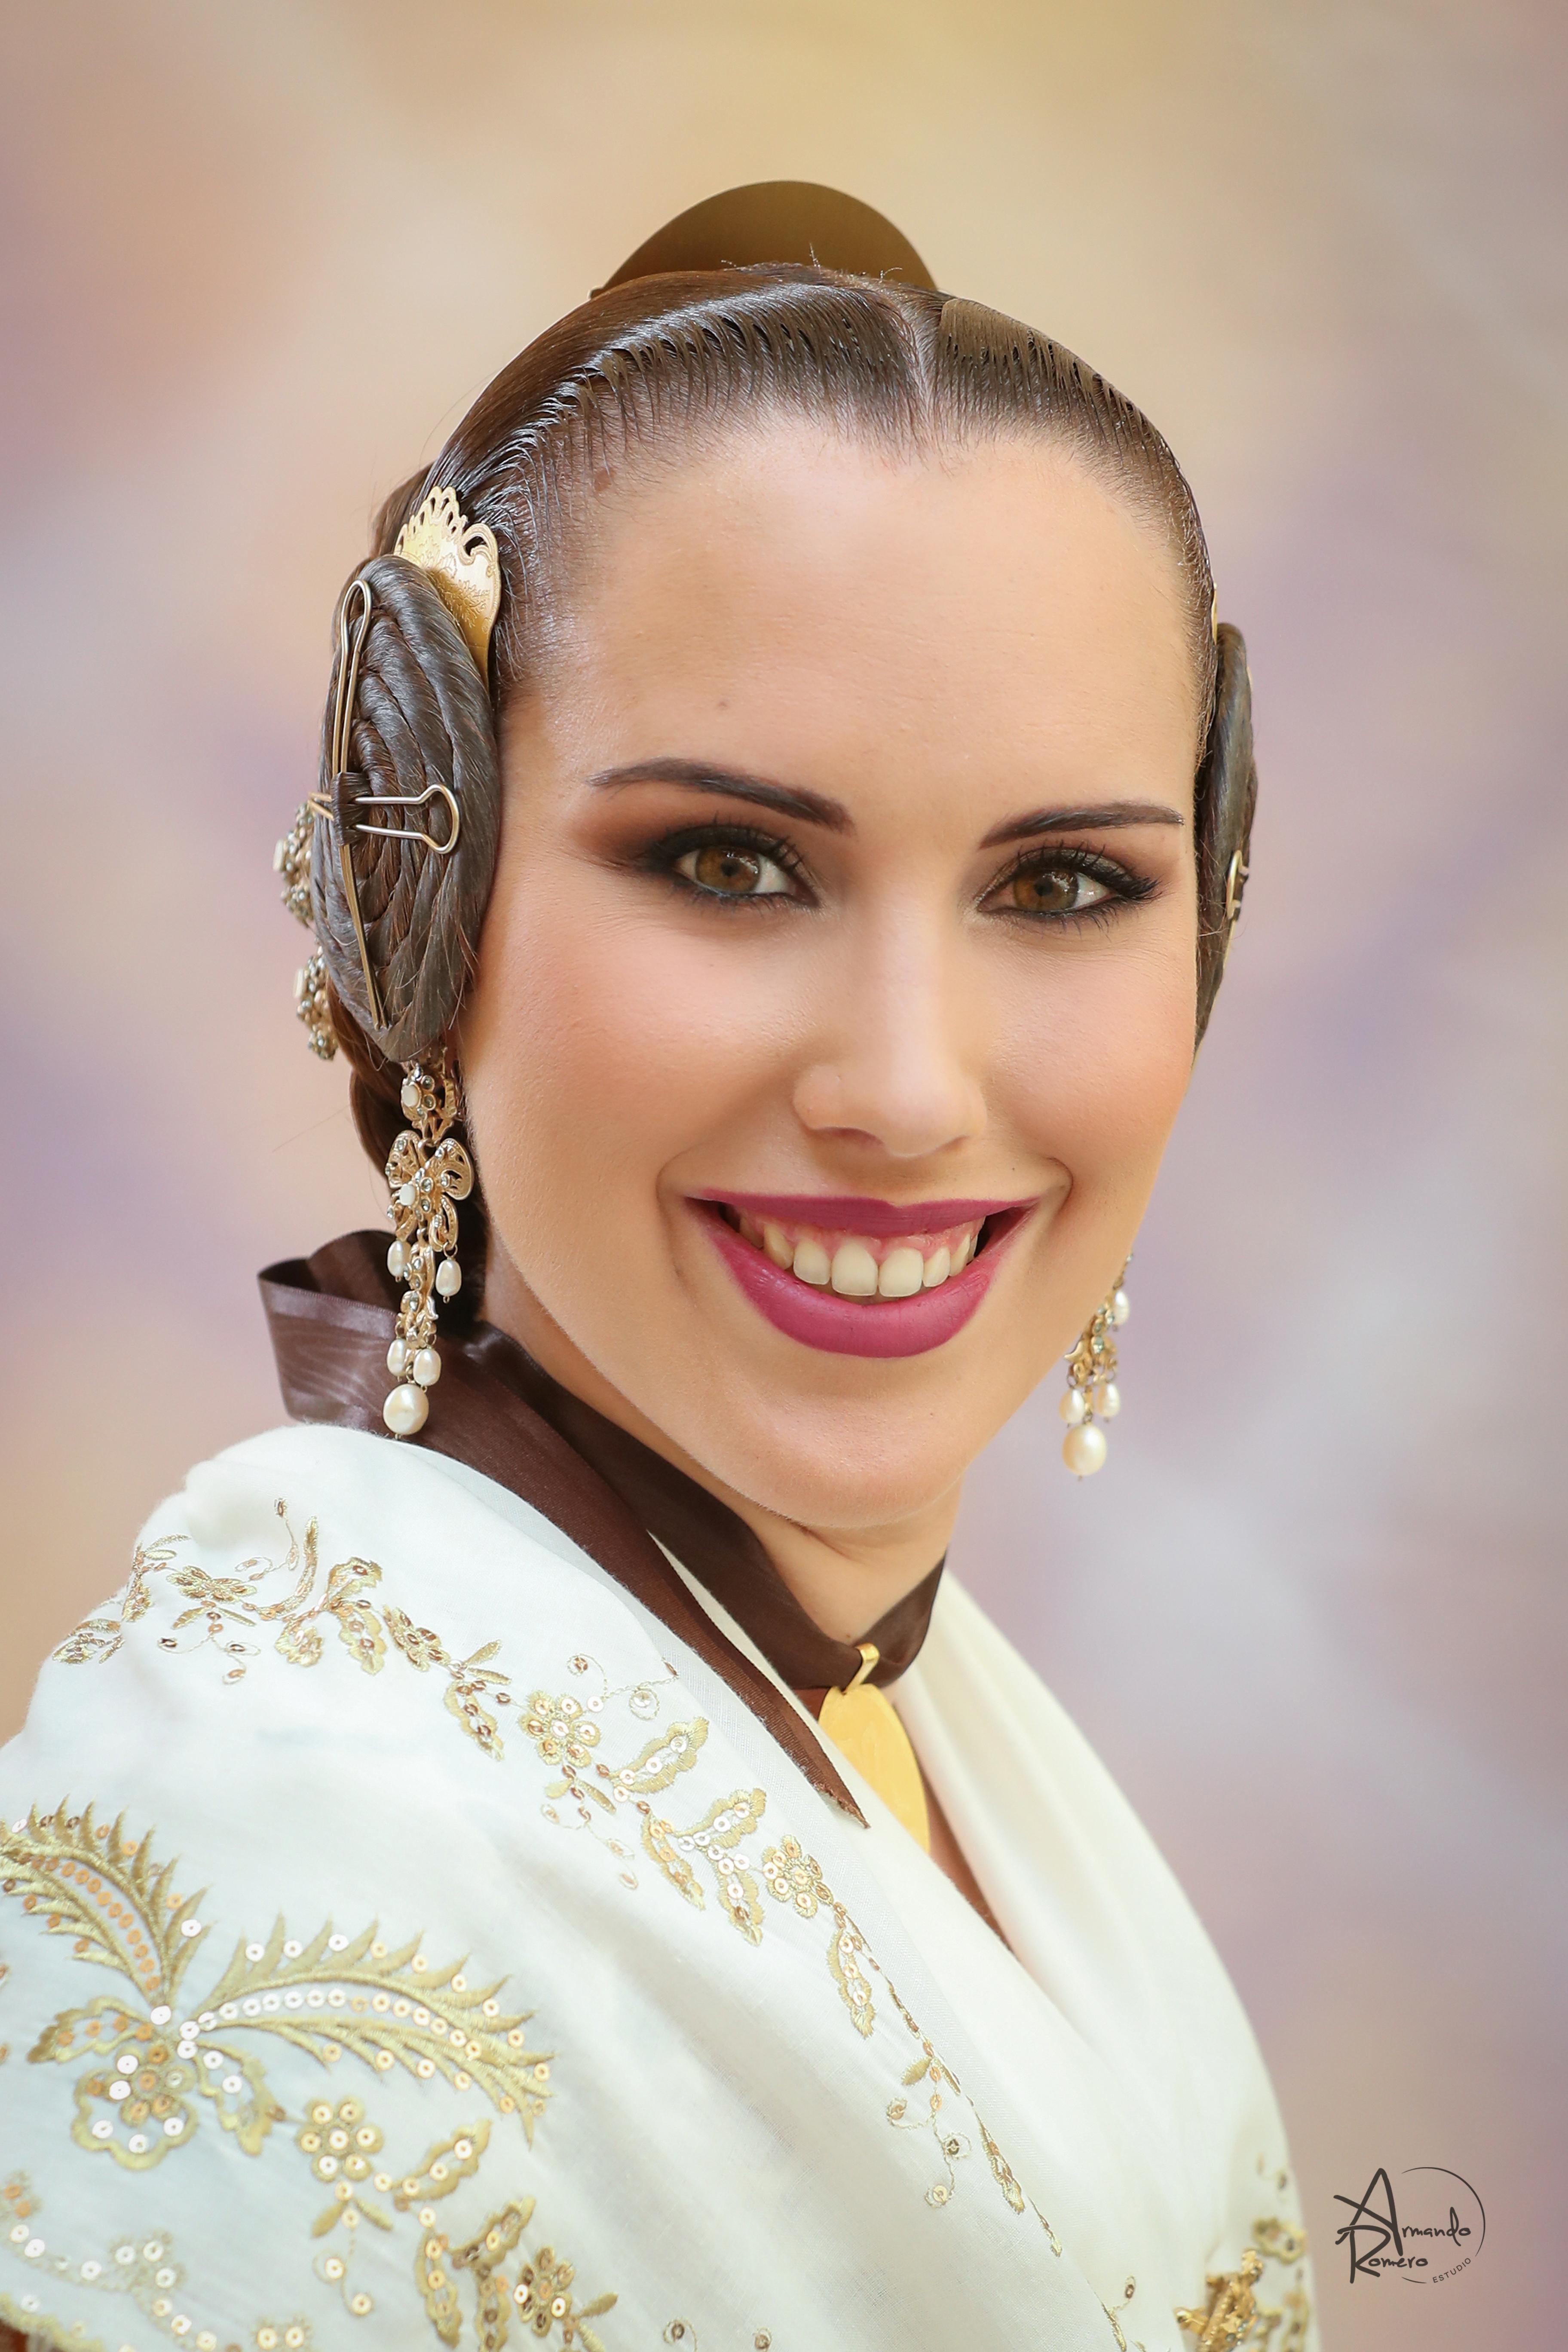 Marta Tejedo Belenguer